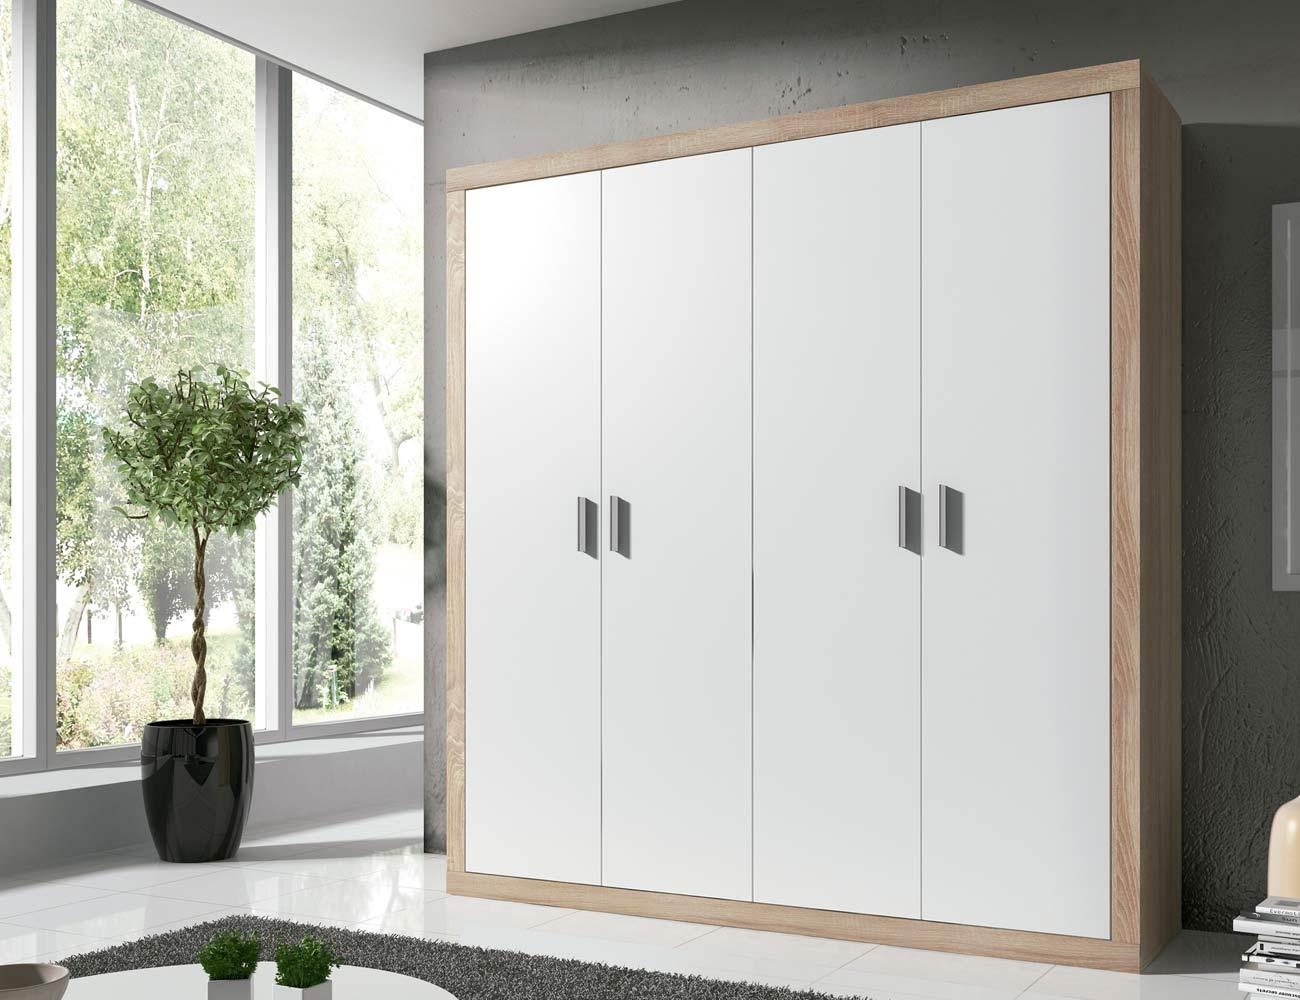 Armario moderno de 4 puertas abatibles en color blanco 6455 factory del mueble utrera Armarios empotrados puertas abatibles